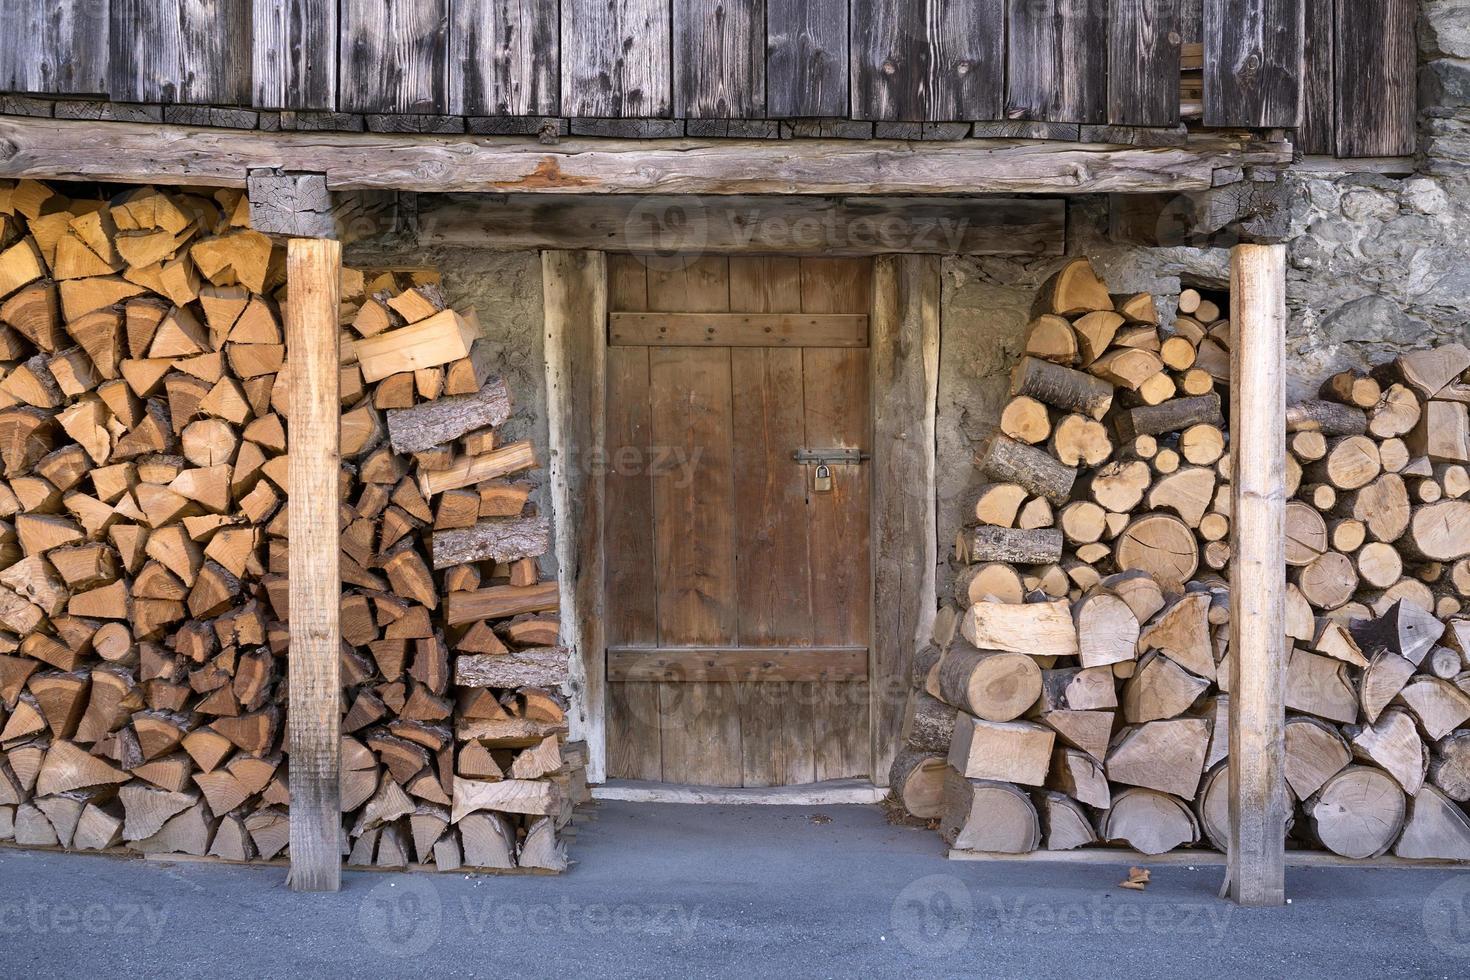 legna da ardere accatastata fuori dalla porta della stalla. foto